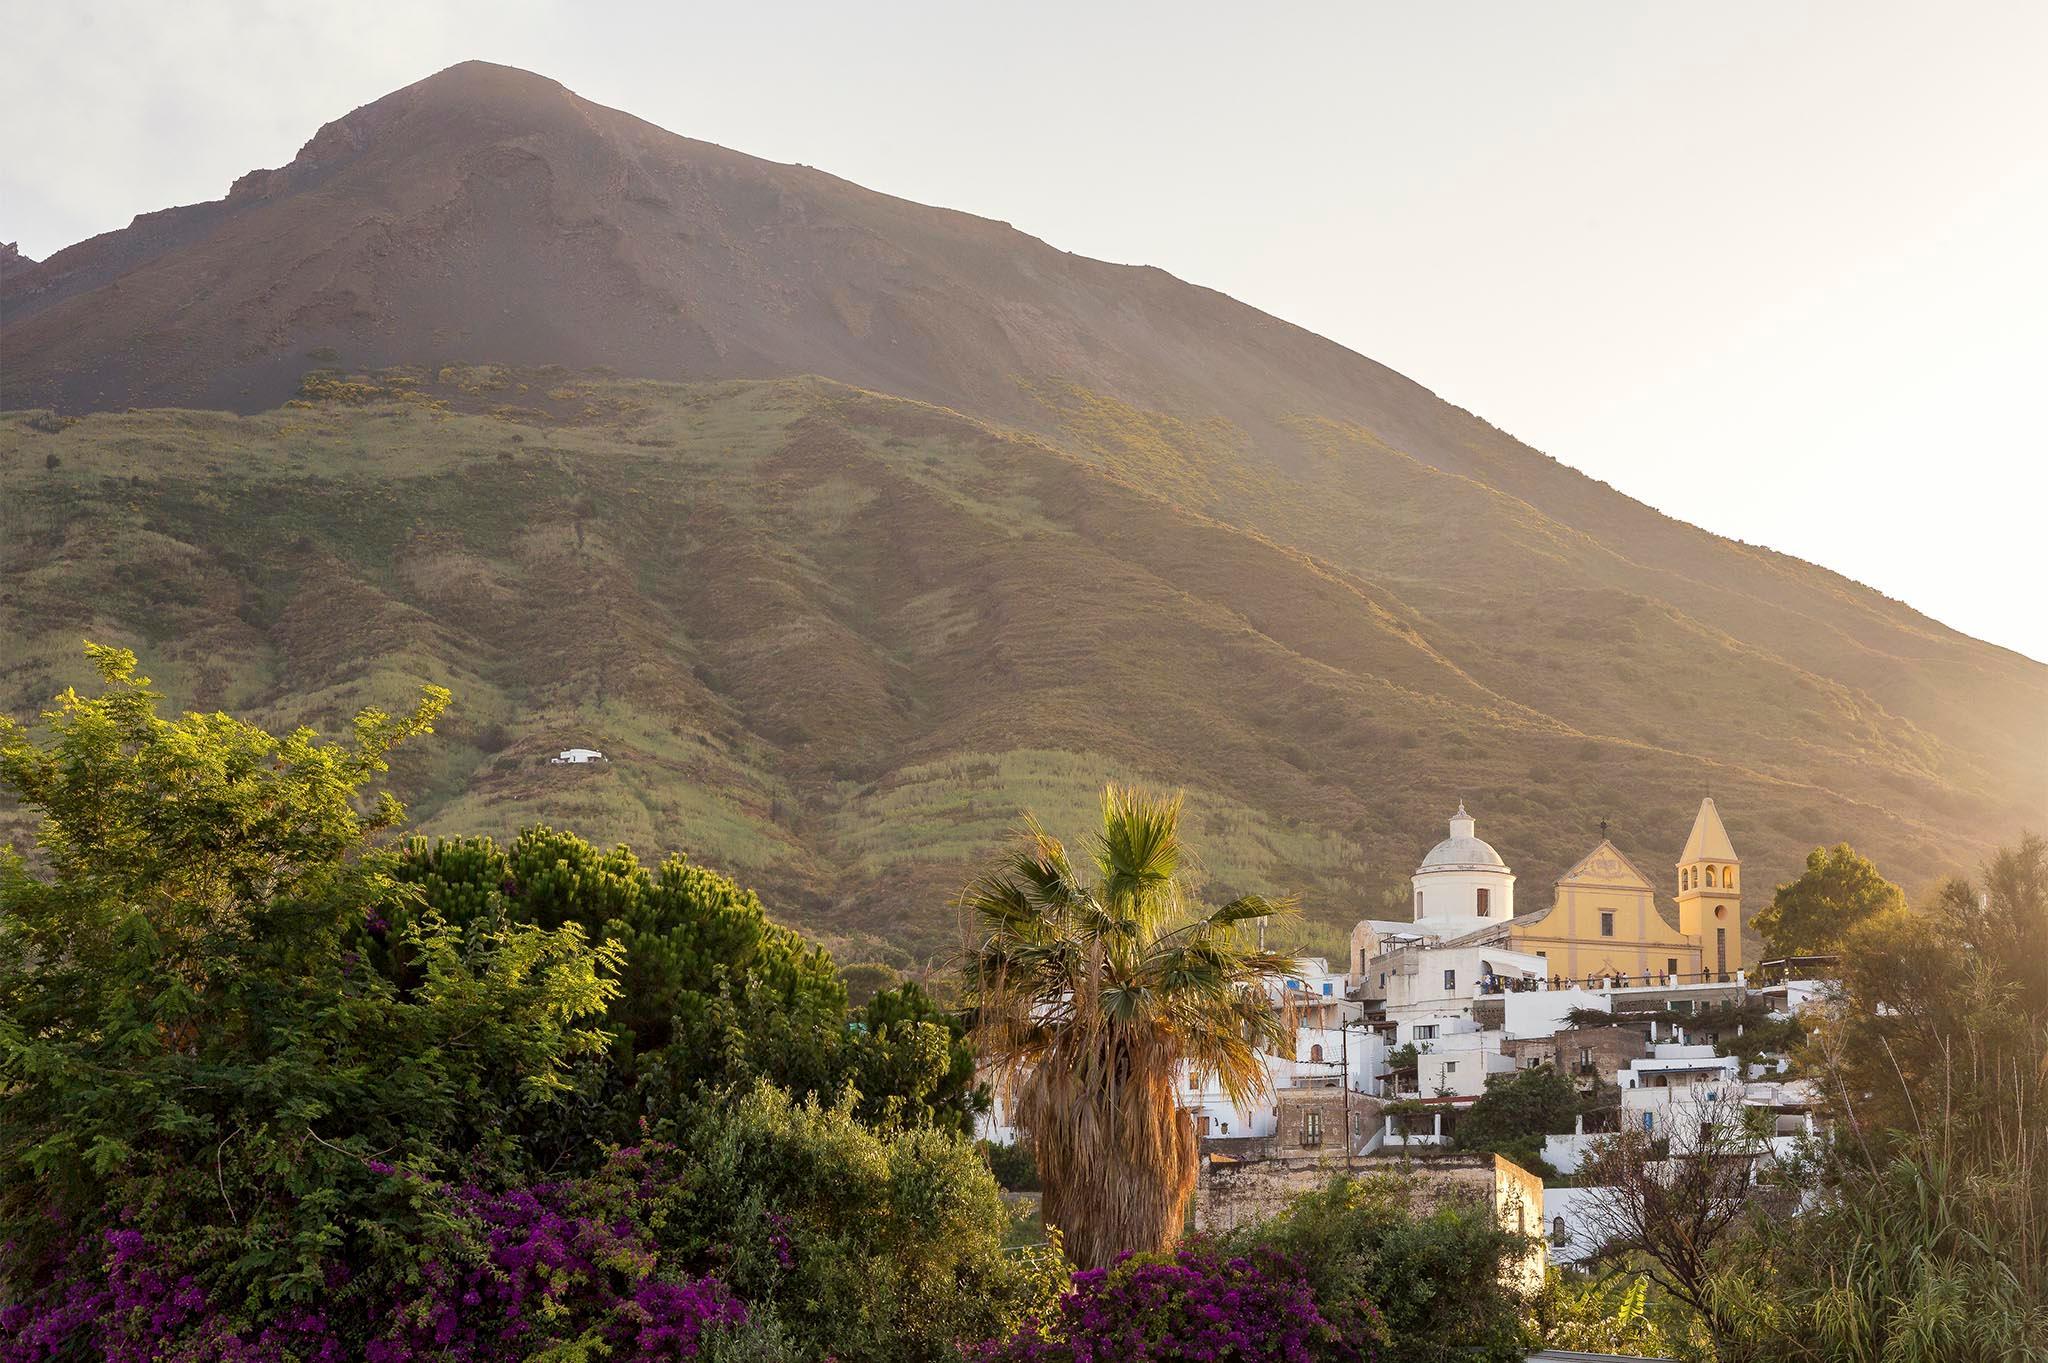 Ville in Sicilia Vendita, ville vista mare Sicilia | Sotheby's Realty - sothebys.photo 1